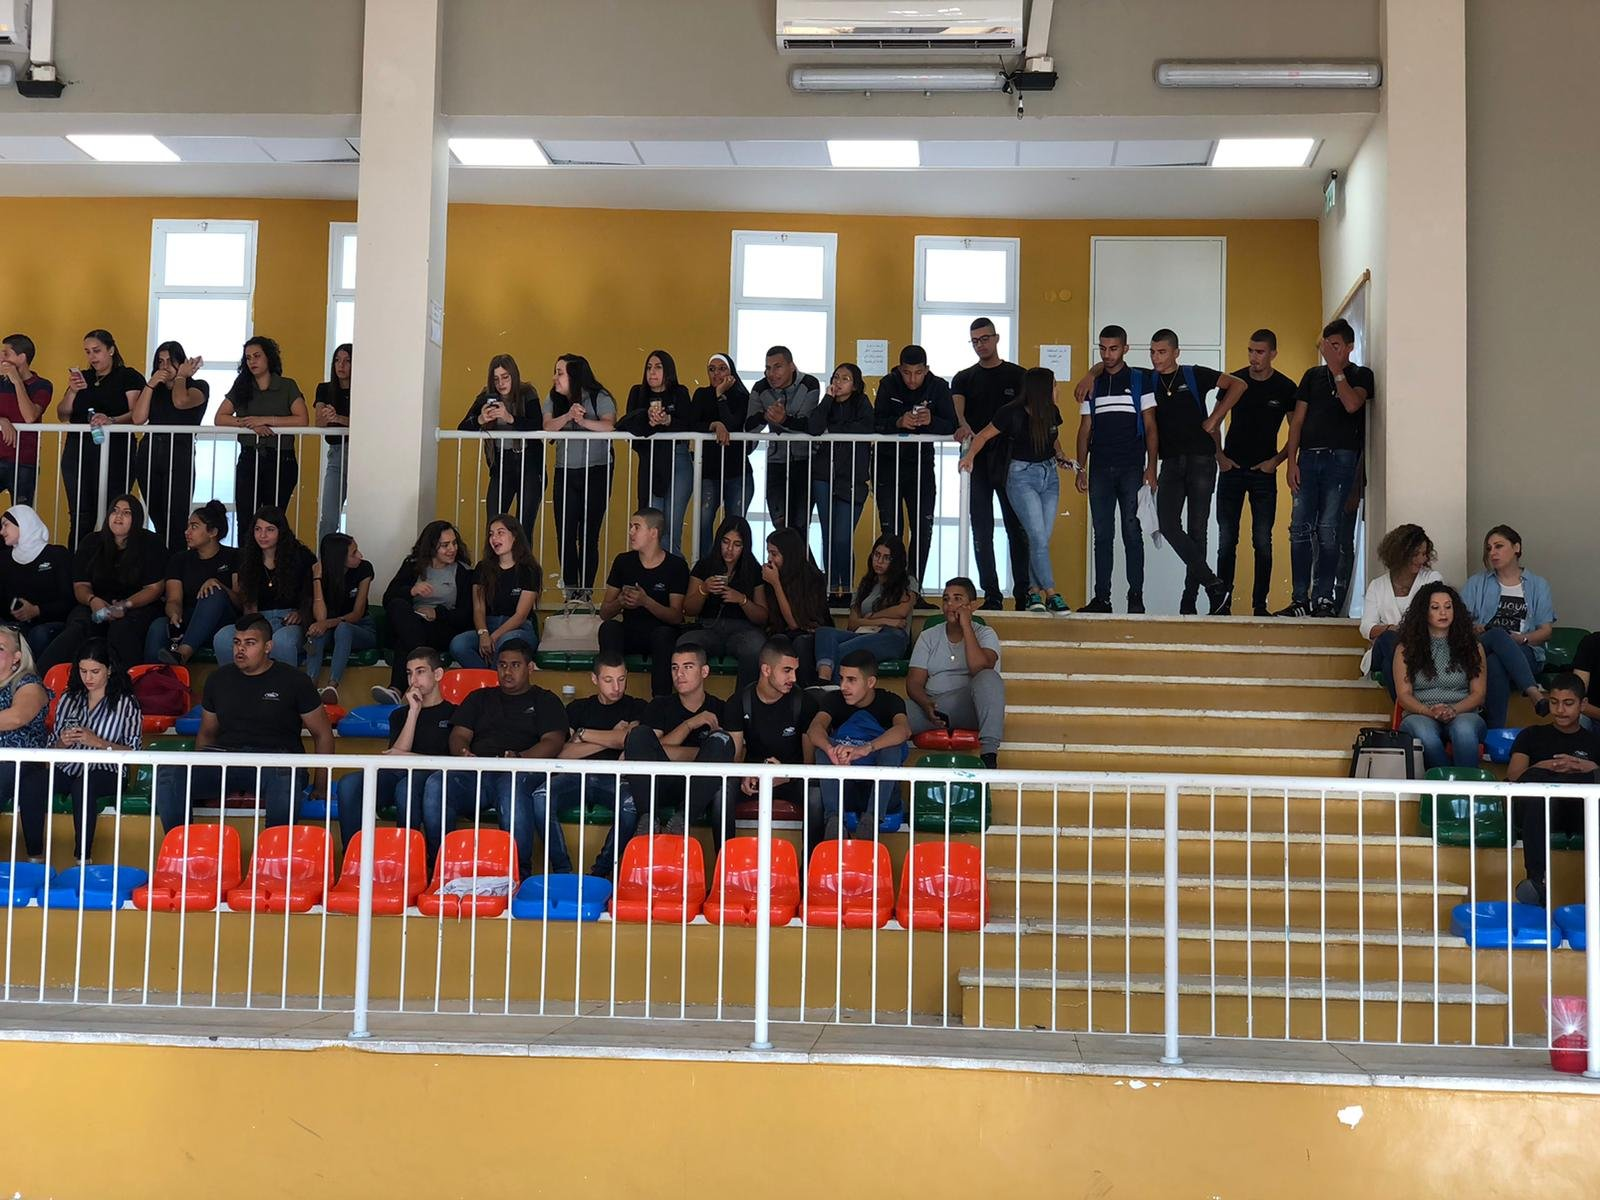 المناخ التربوي السليم بالمدرسة في حلمي الشافعي-عكا